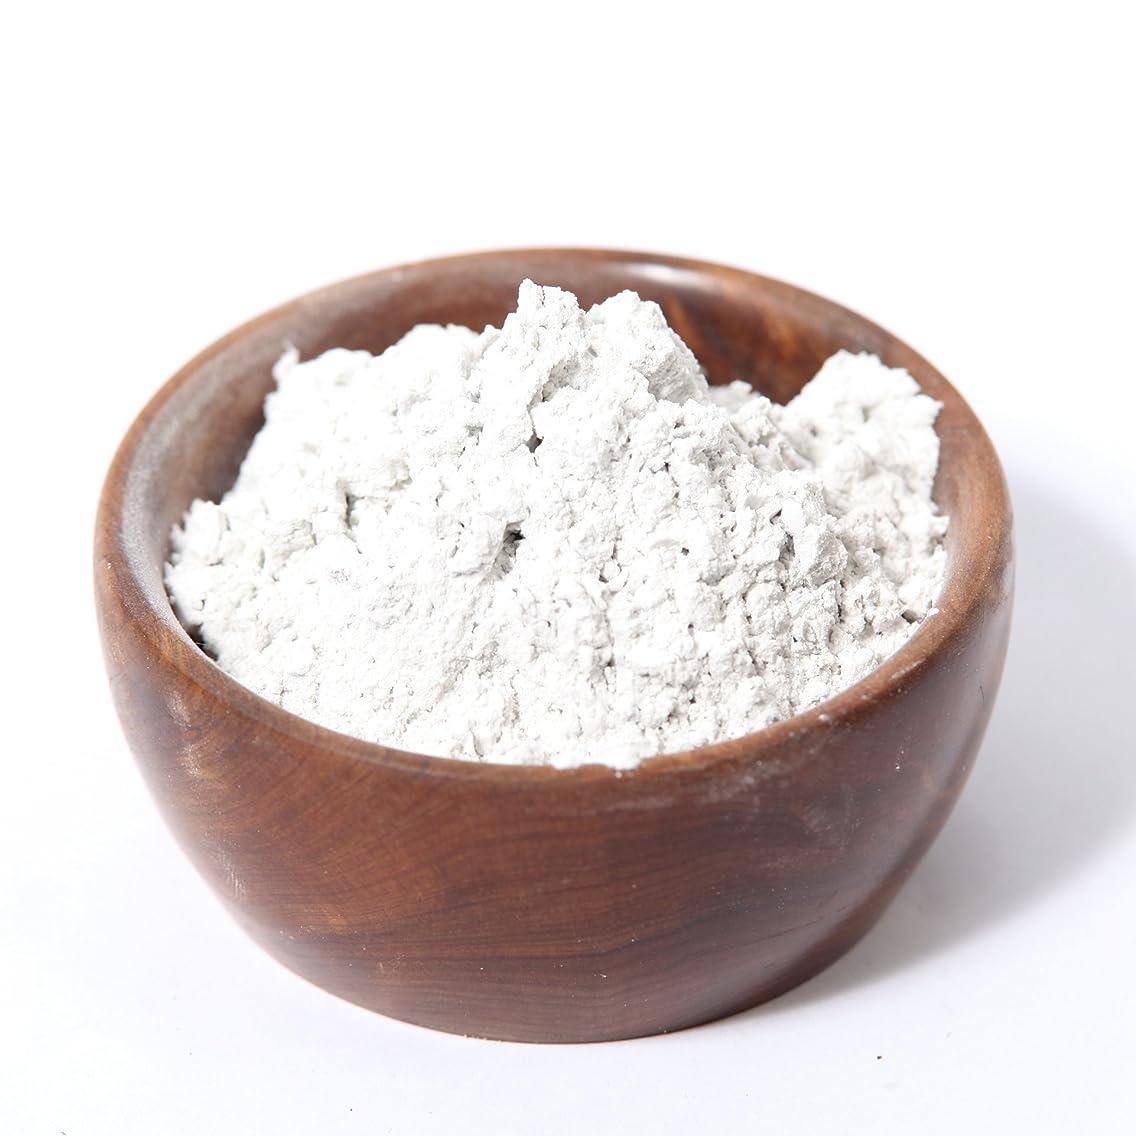 迫害する一時的スクラップPumice Stone Superfine For Face Exfoliant 1Kg